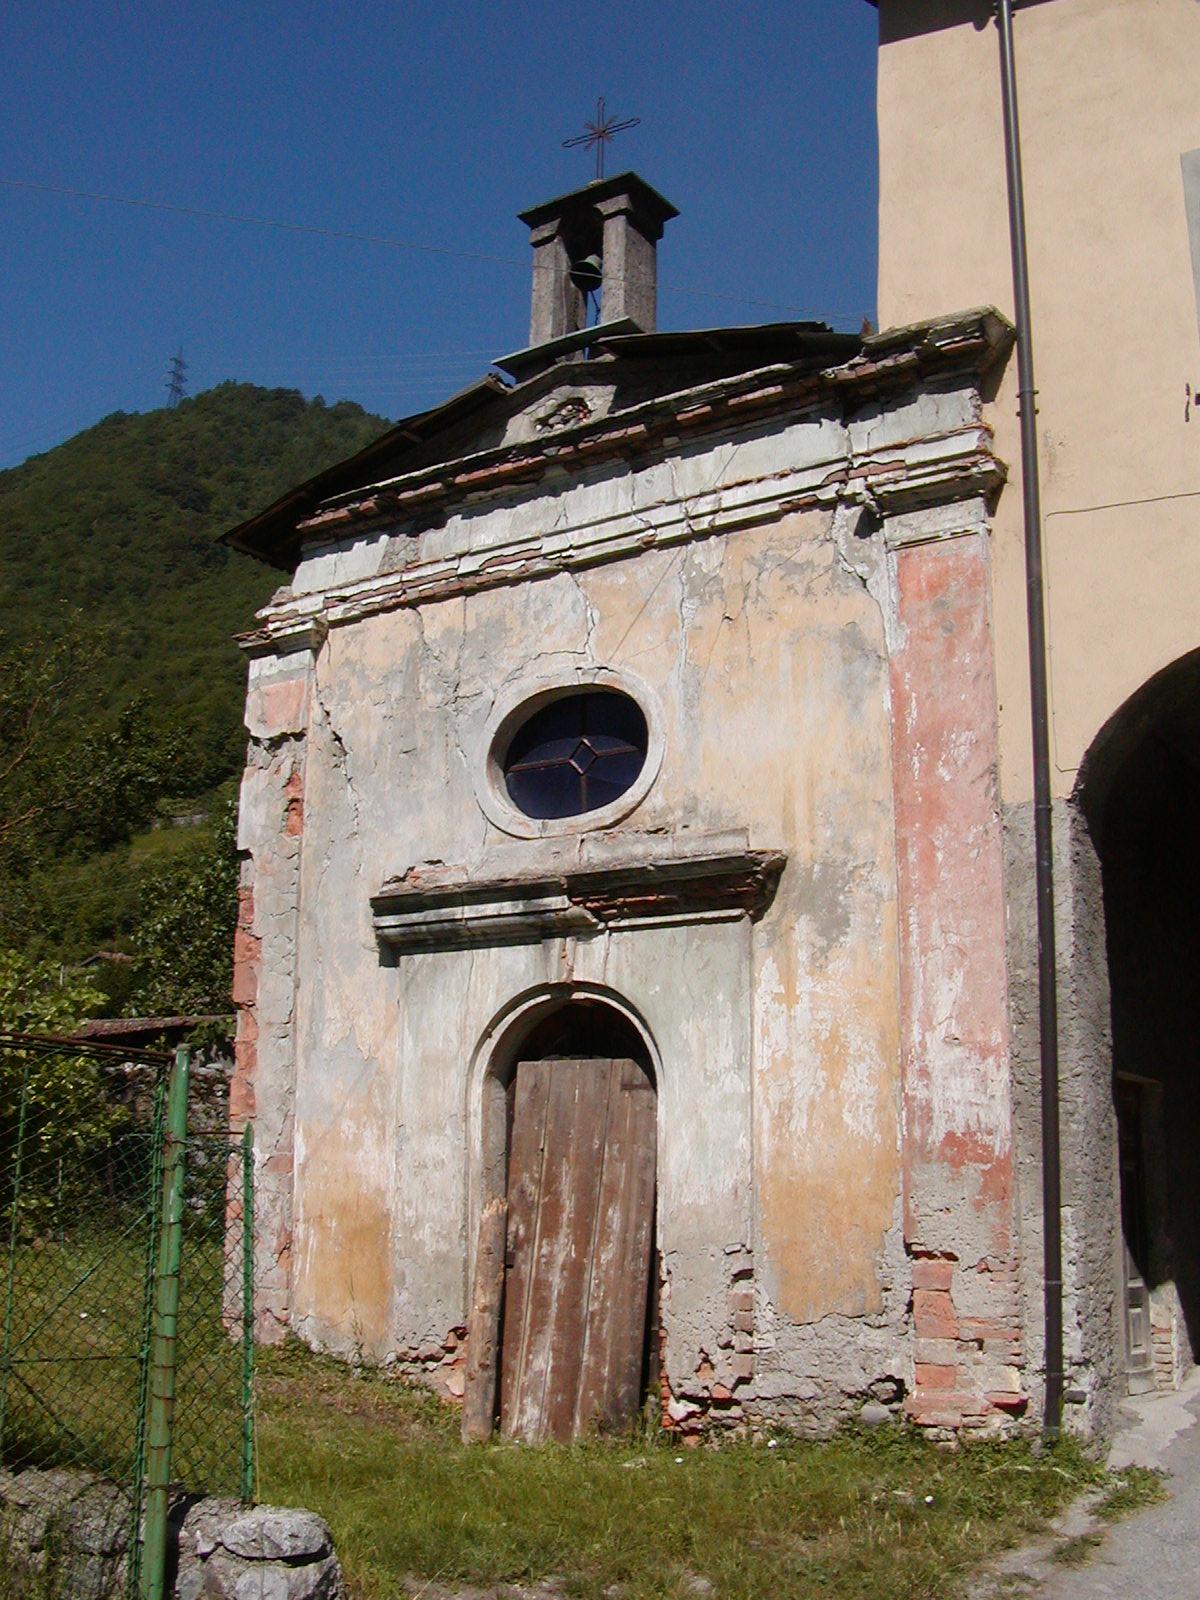 Studio-di-architettura-Baisotti-Sigala-prgetti612